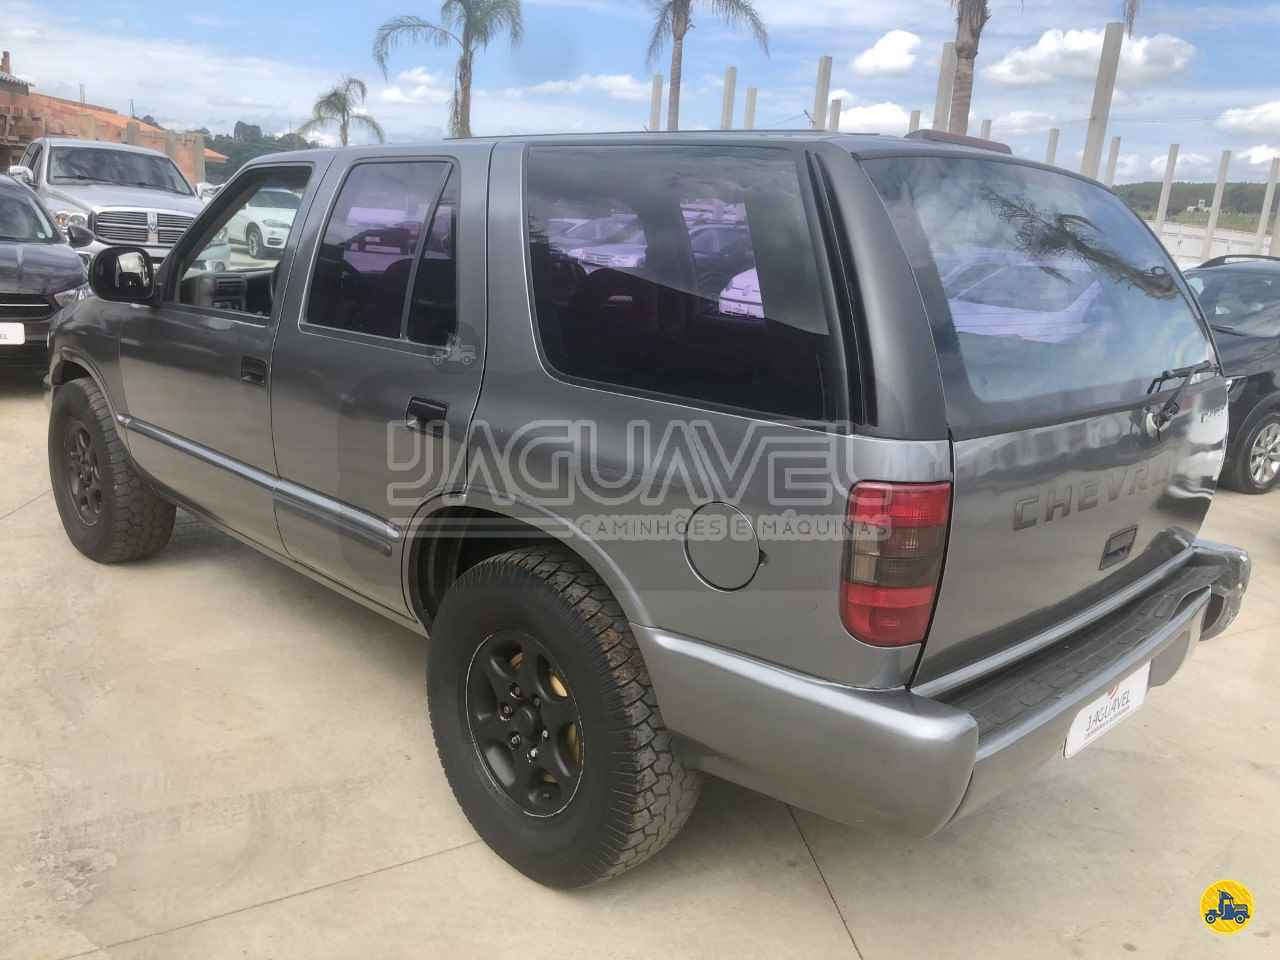 GM - Chevrolet Blazer 2.2 DLX  1997/1997 Jaguavel Caminhões